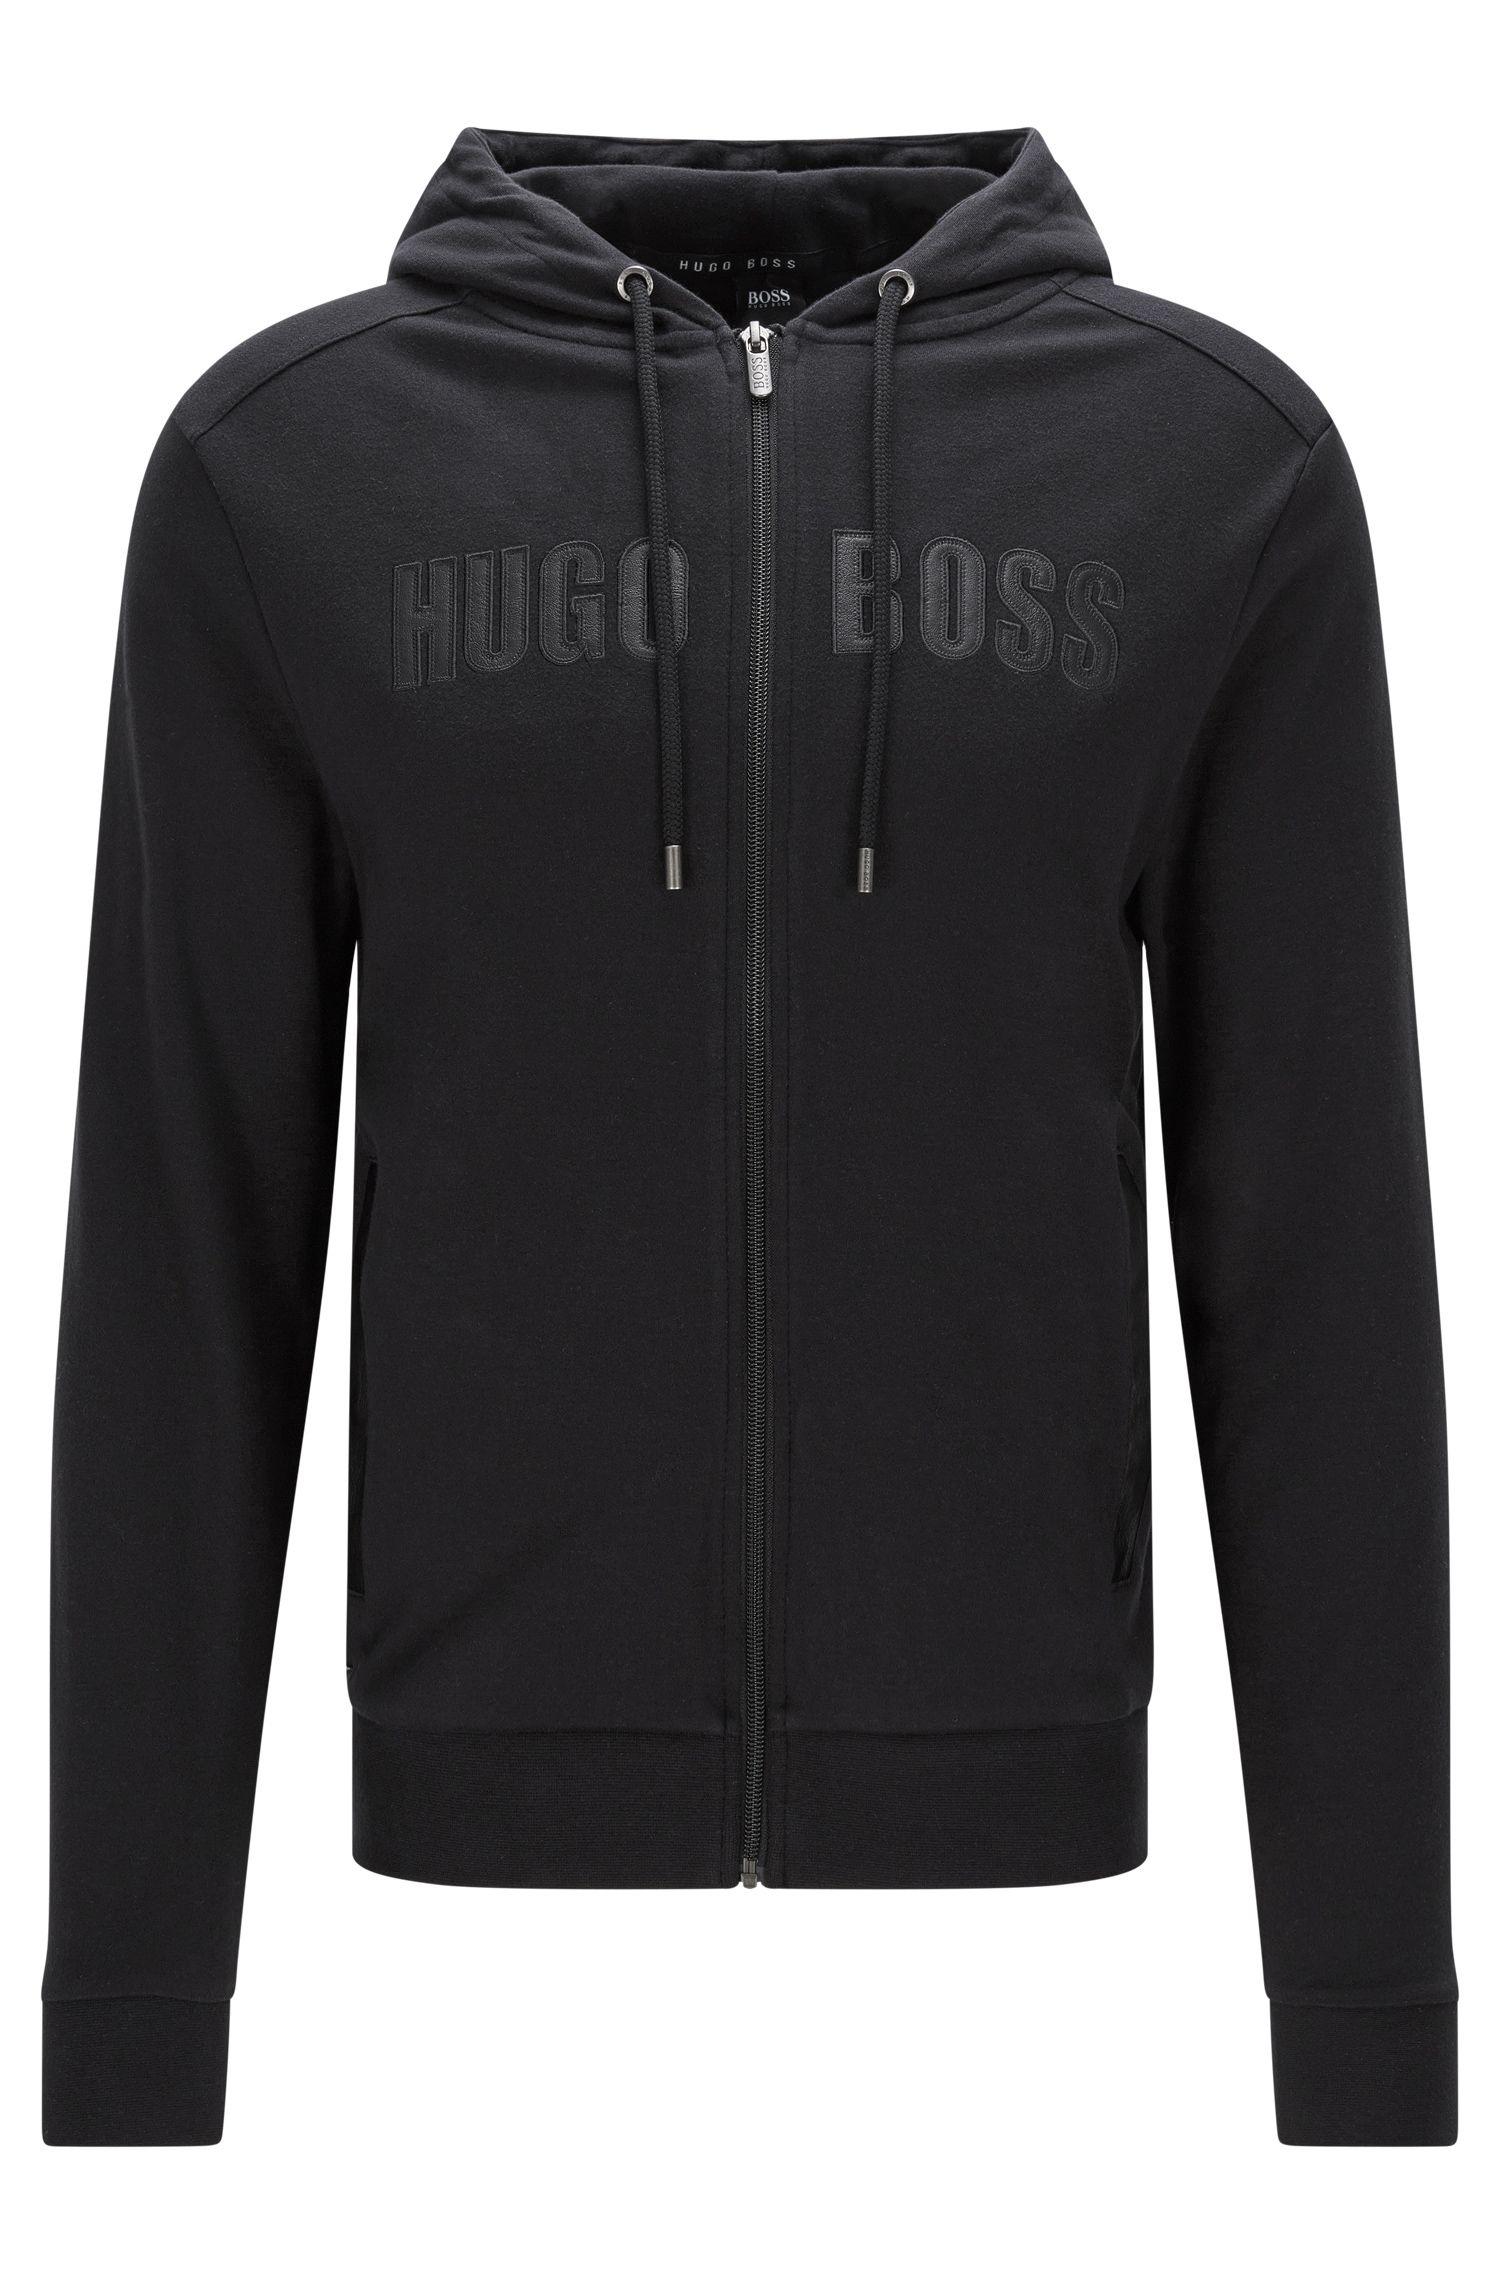 Sweatshirt-Jacke aus Baumwolle mit Details in Leder-Optik: 'Jacket Hooded'